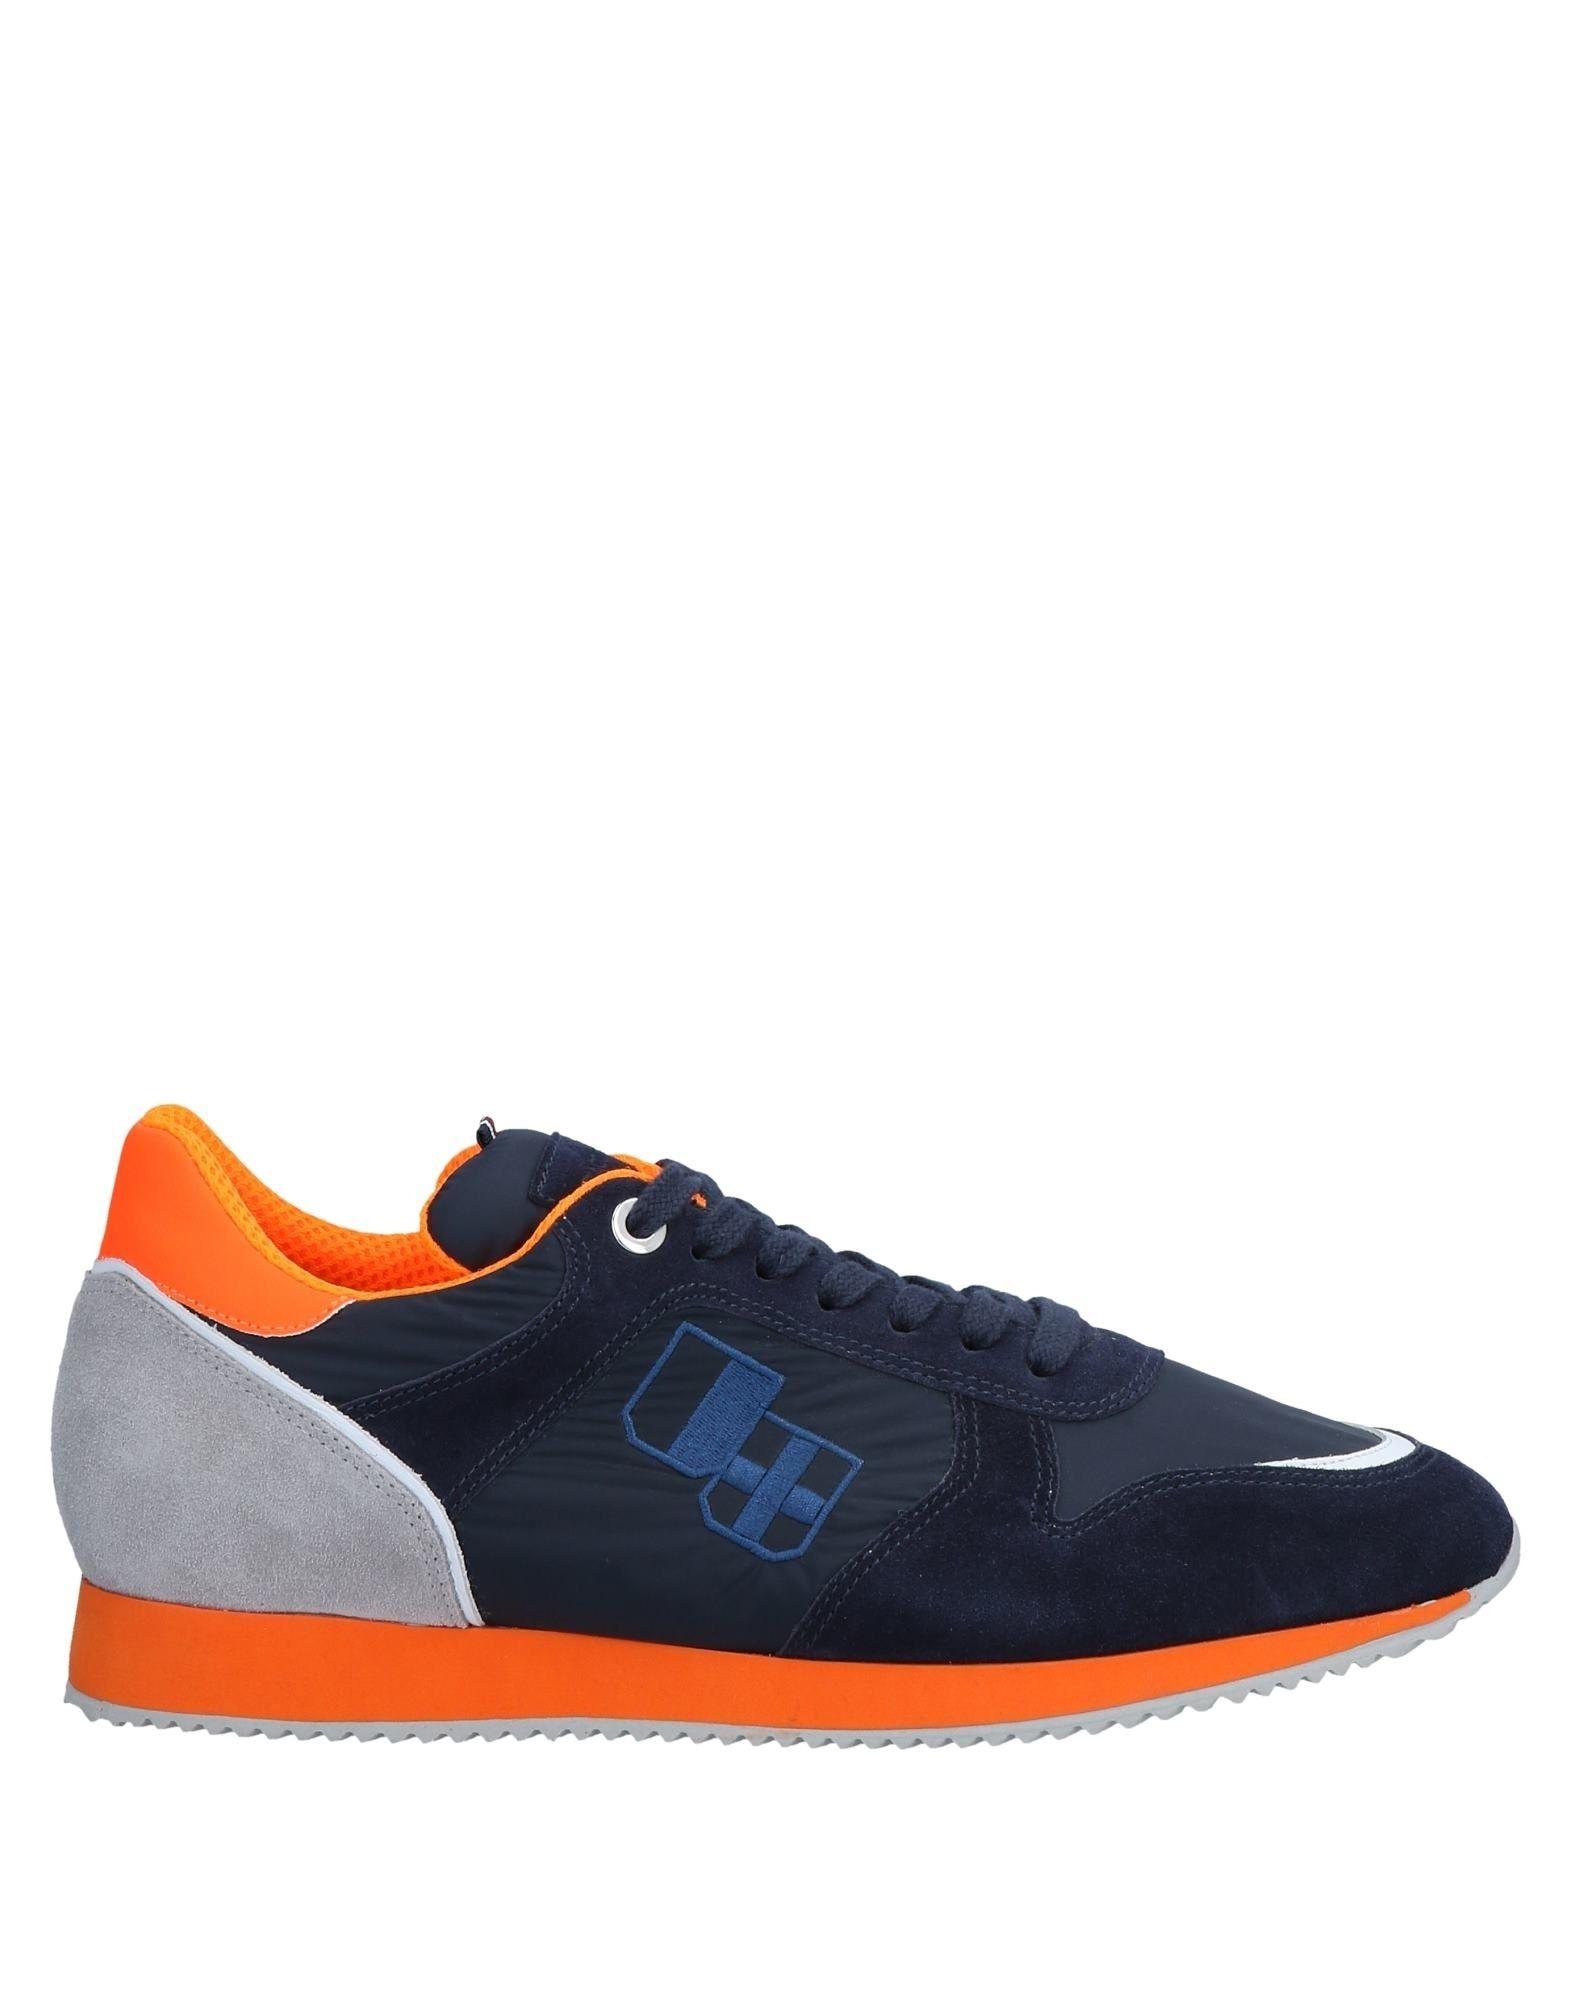 Zapatillas D'Acquasparta D'Acquasparta Hombre - Zapatillas D'Acquasparta D'Acquasparta  Azul oscuro 6cf880